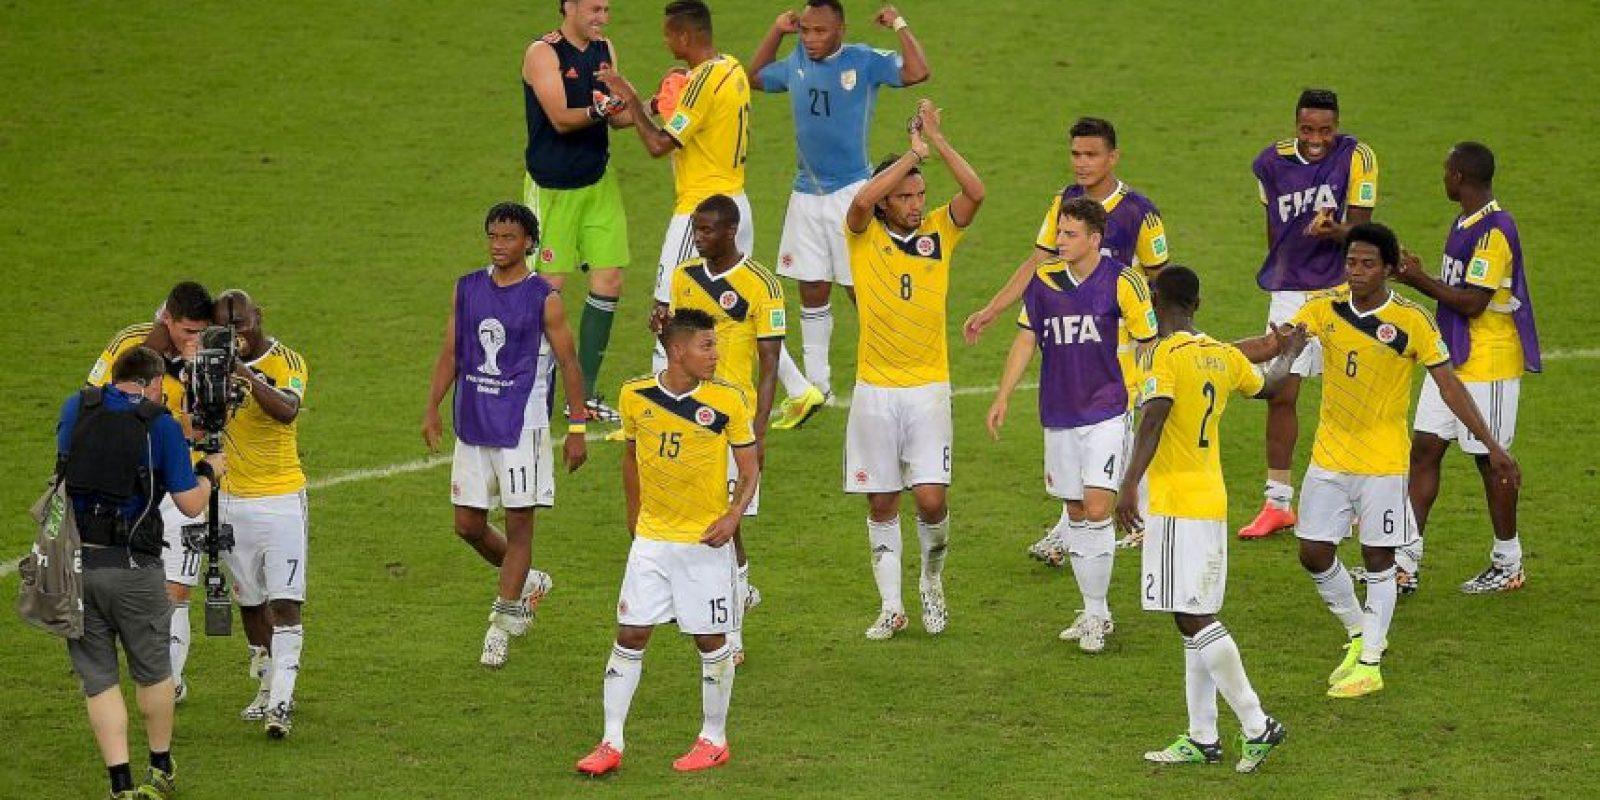 Luego de ausentarse de los Mundiales de 2002, 2006 y 2010, llegaron a cuartos de final en el pasado Mundial de Brasil 2014, en el que fueron eliminados por el anfitrión. Foto:Getty Images